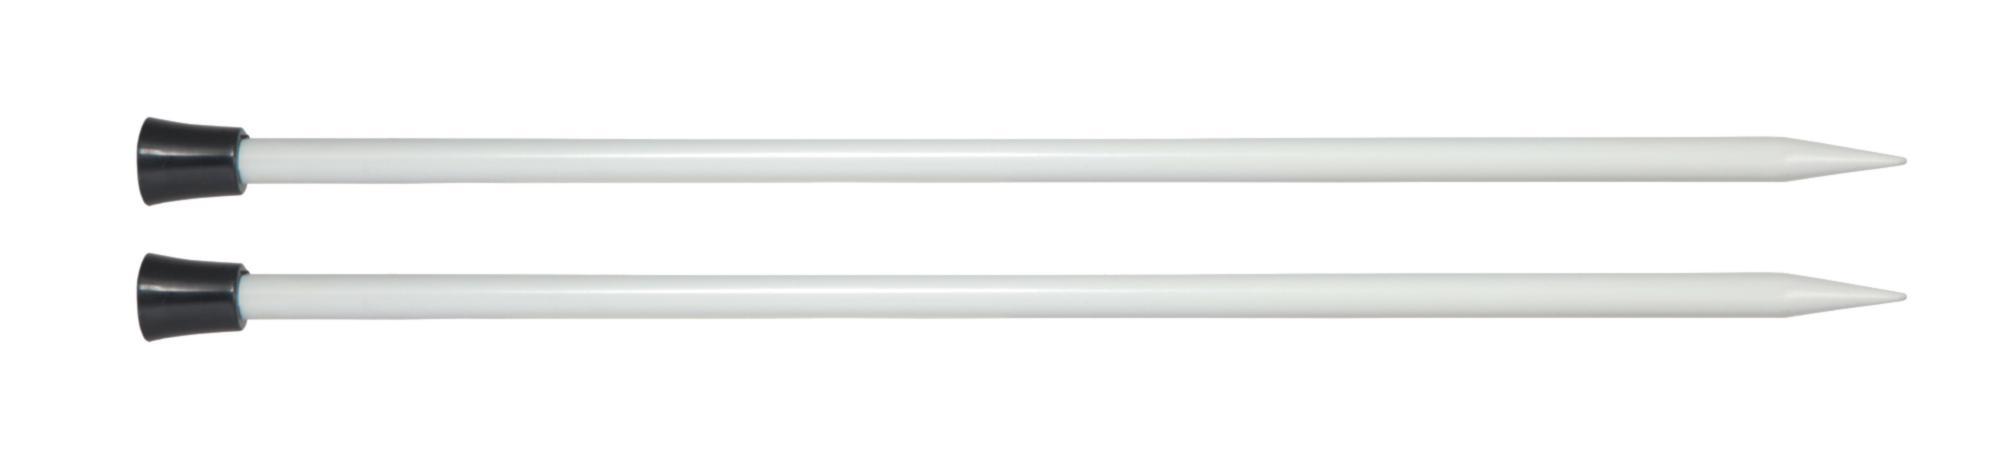 Спицы прямые 30 см Basix Aluminium KnitPro, 45251, 5.00 мм